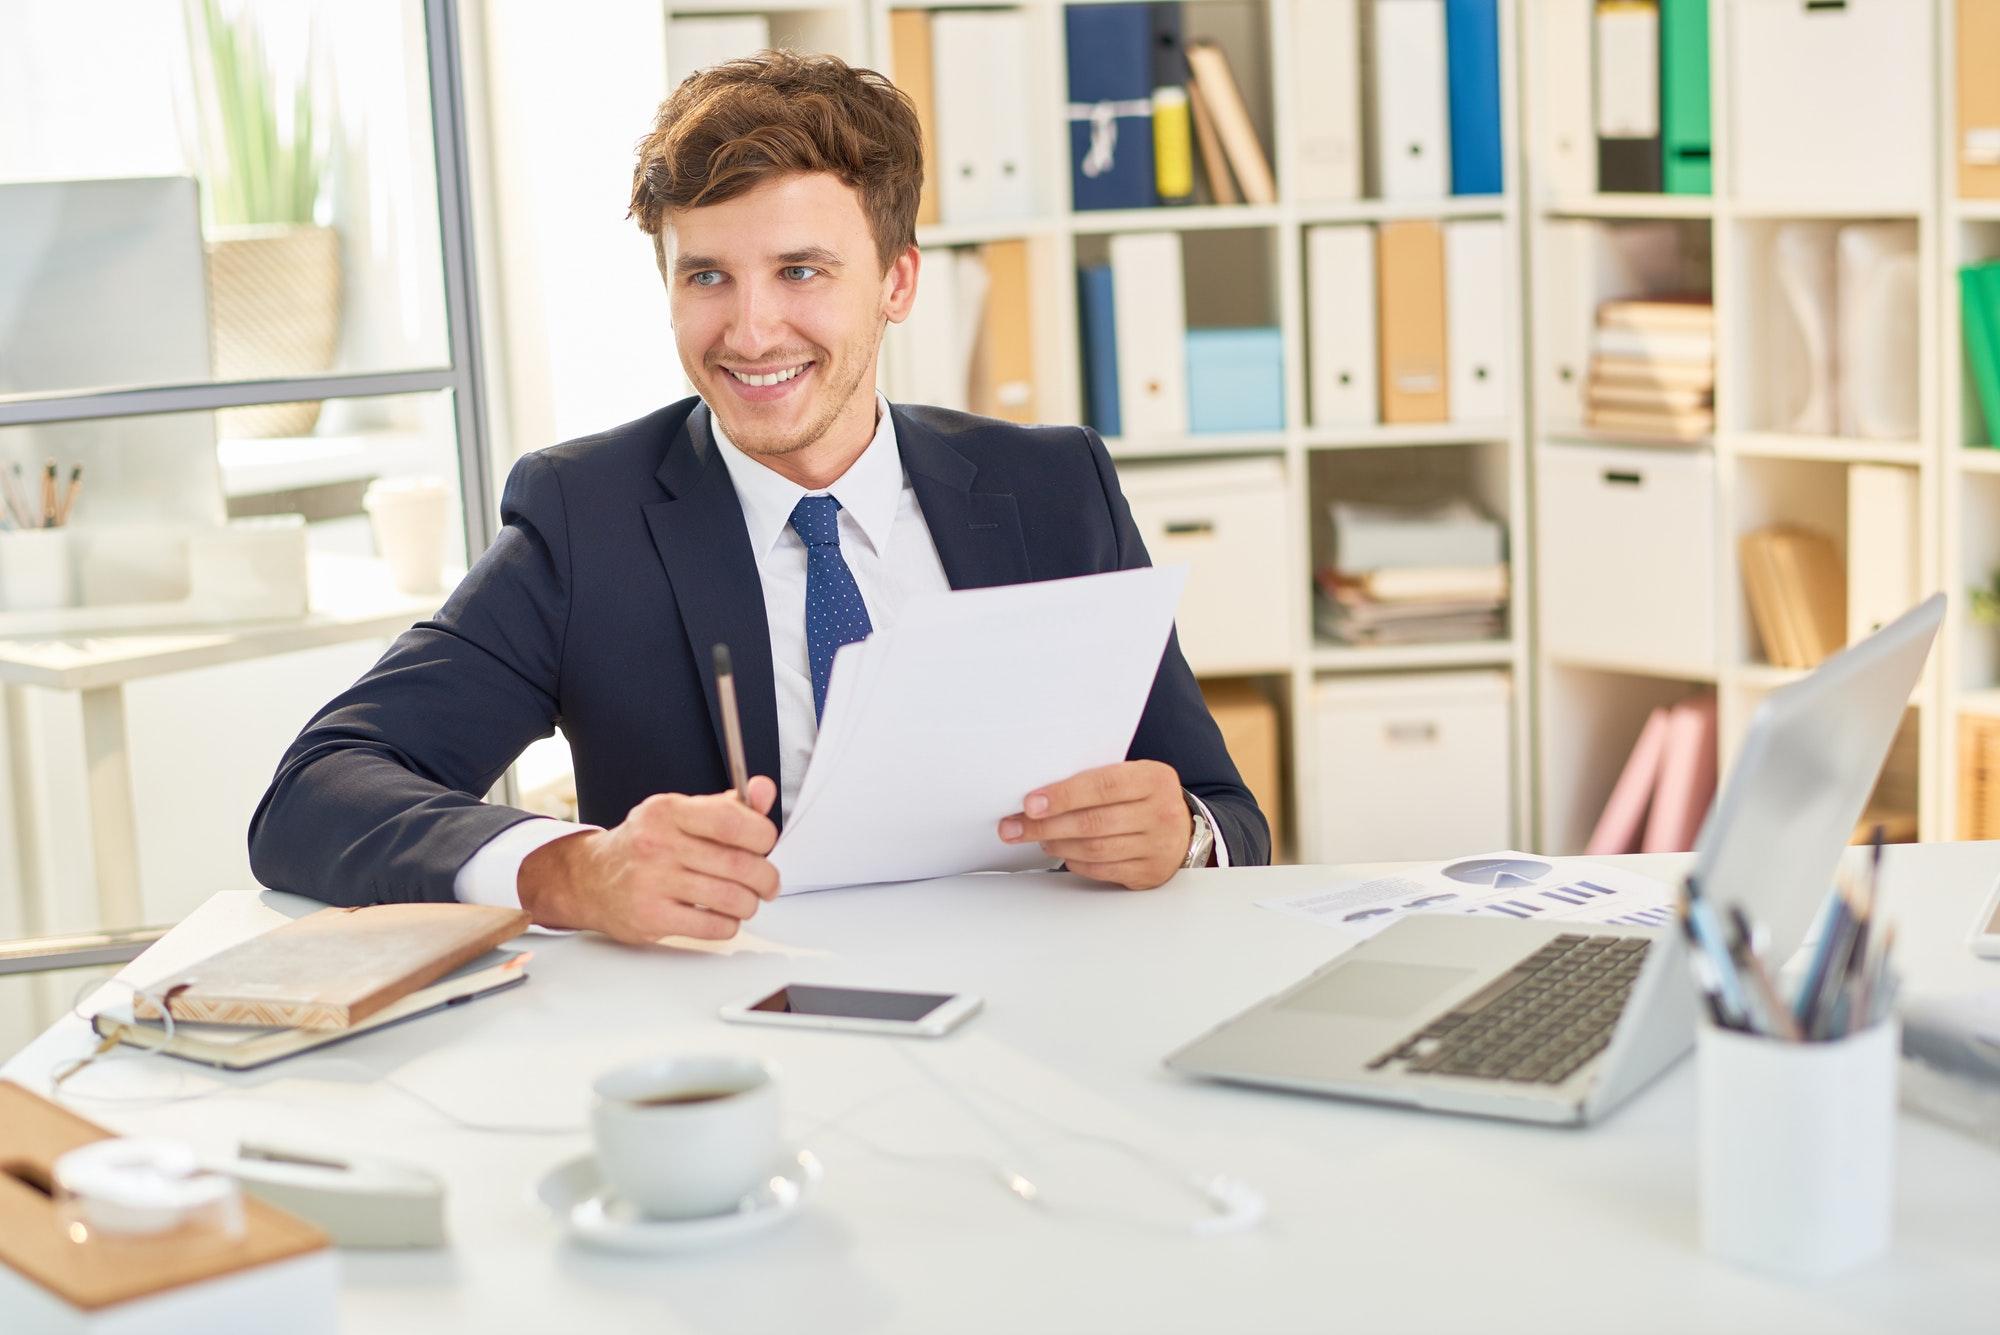 Job seeker using online resume creator